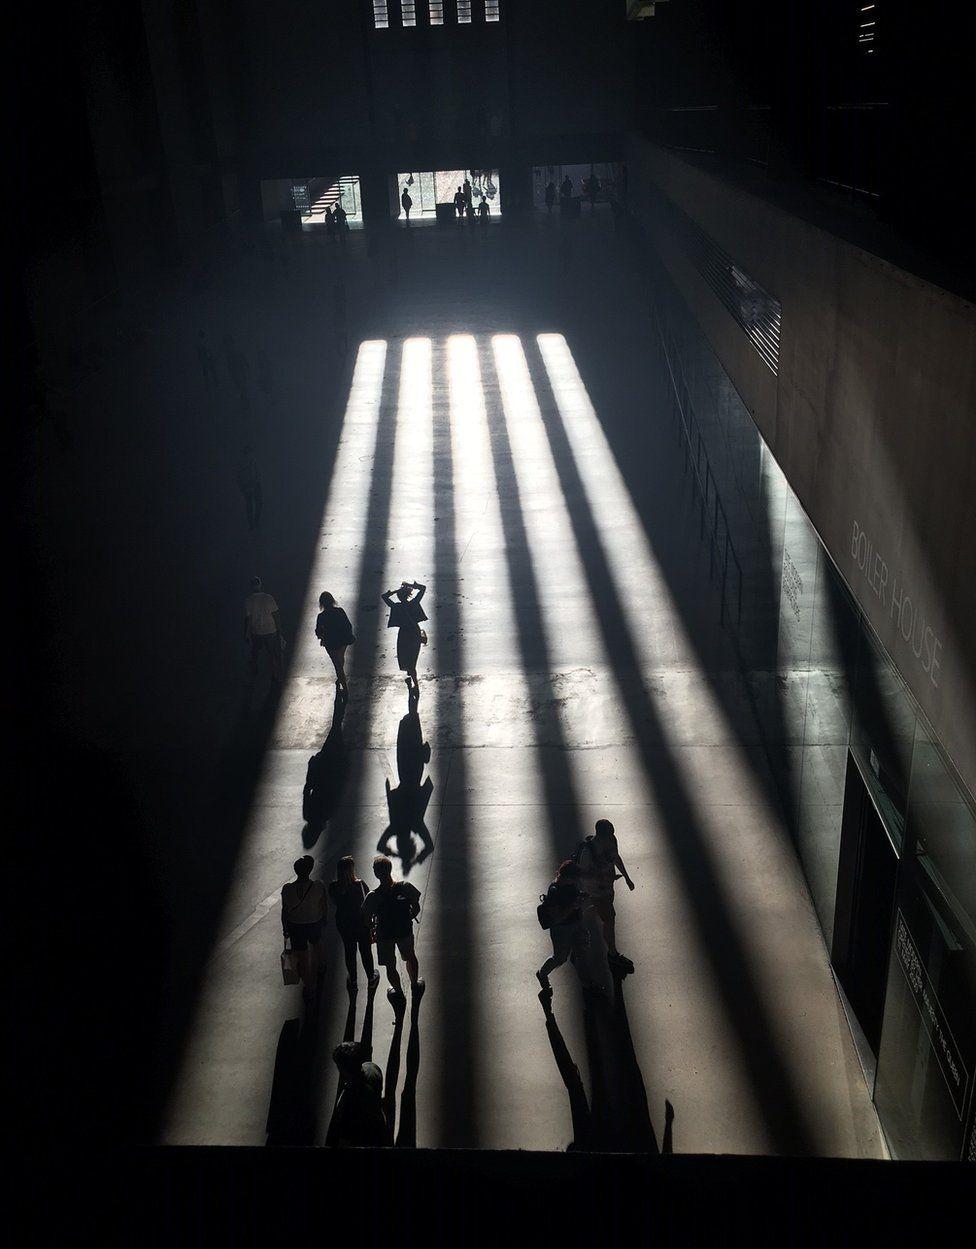 Long shadows spread across the floor of the Tate Modern's Turbine Hall